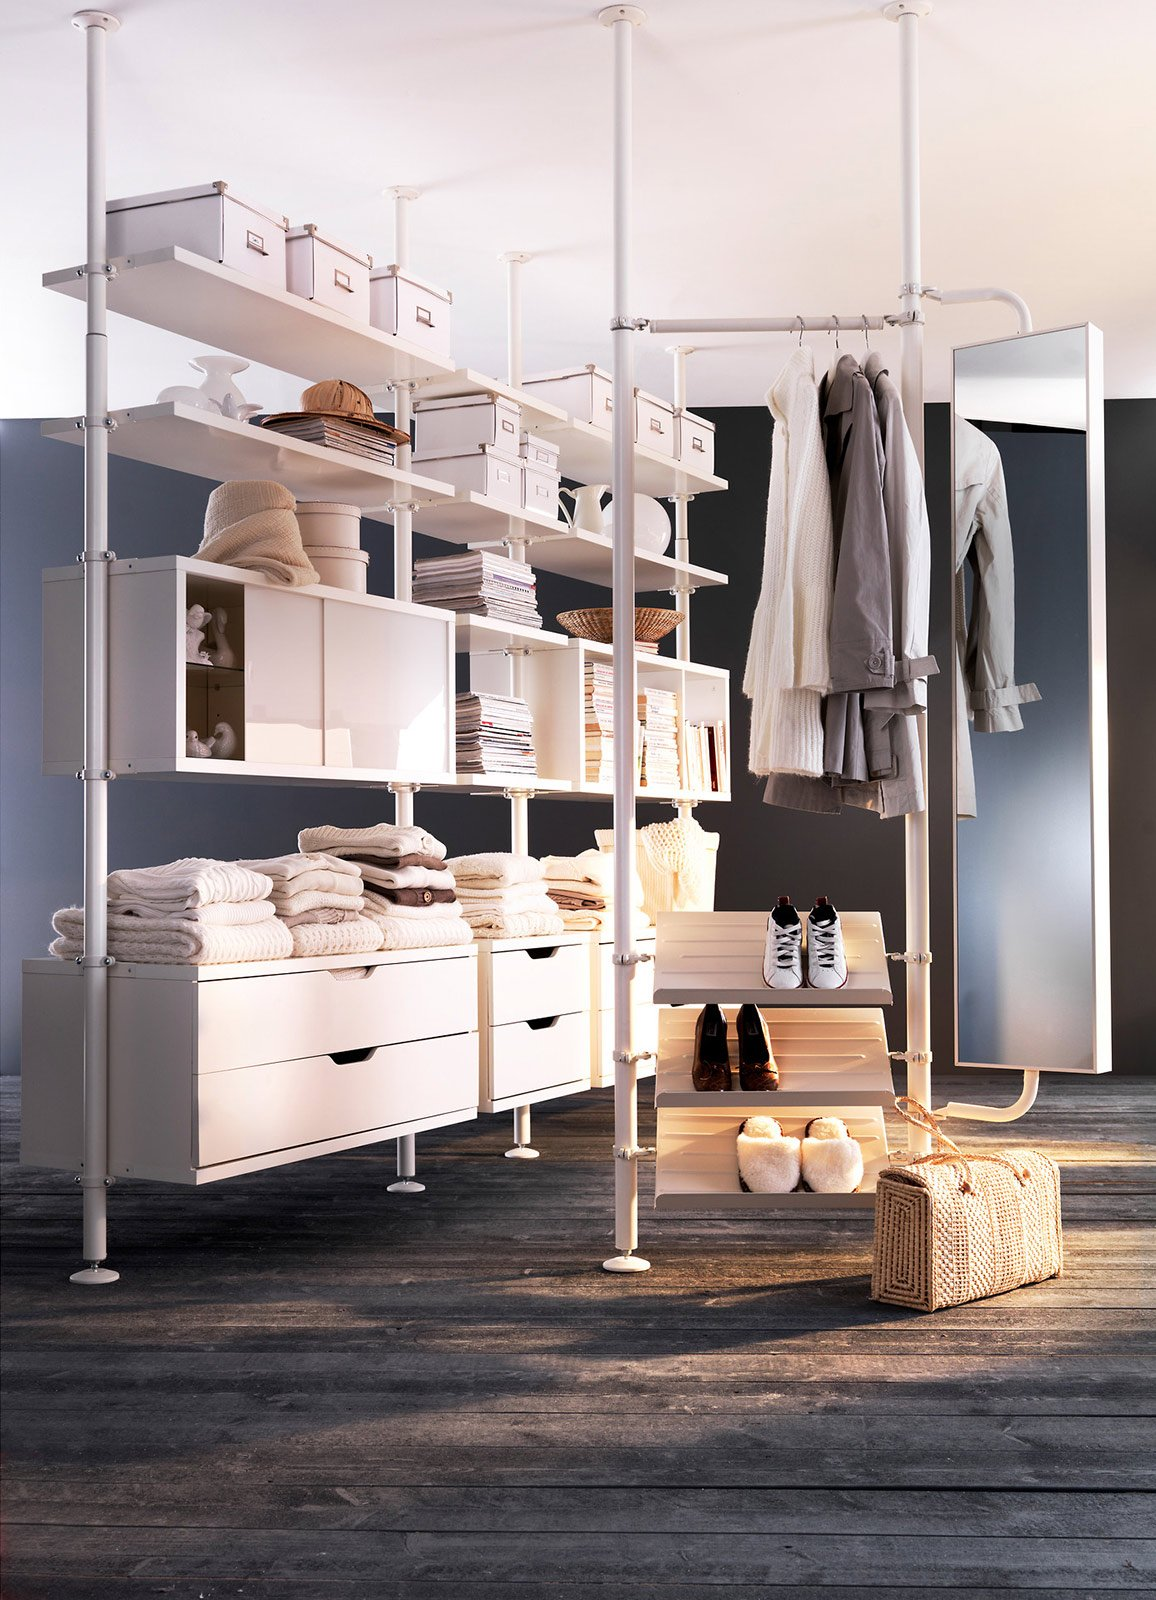 Cabine armadio progettiamo insieme lo spazio cose di casa for Accessori per camera da letto